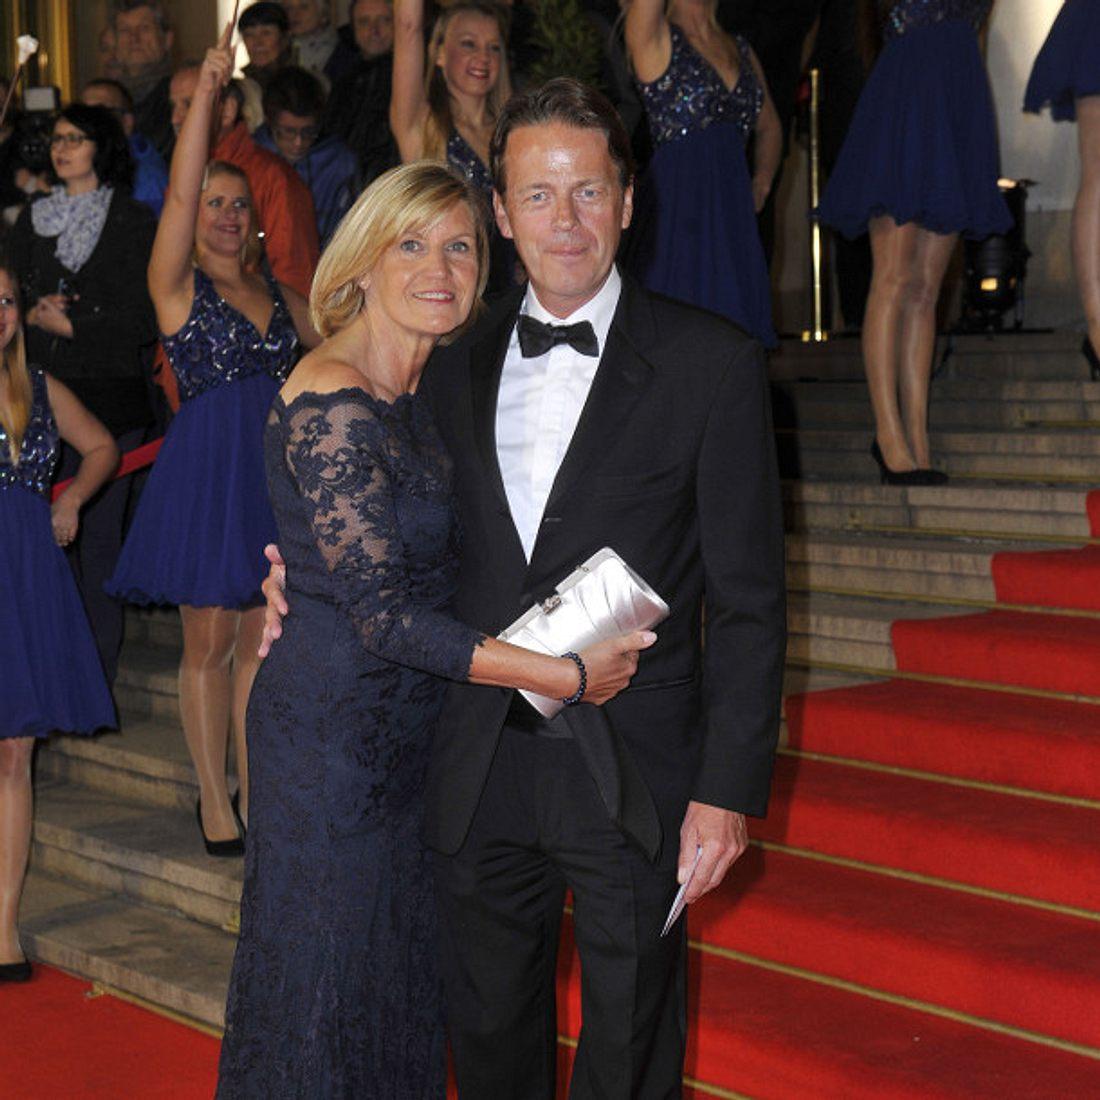 Rudi Cerne erinnert sich an seine Liebes-Krise zurück